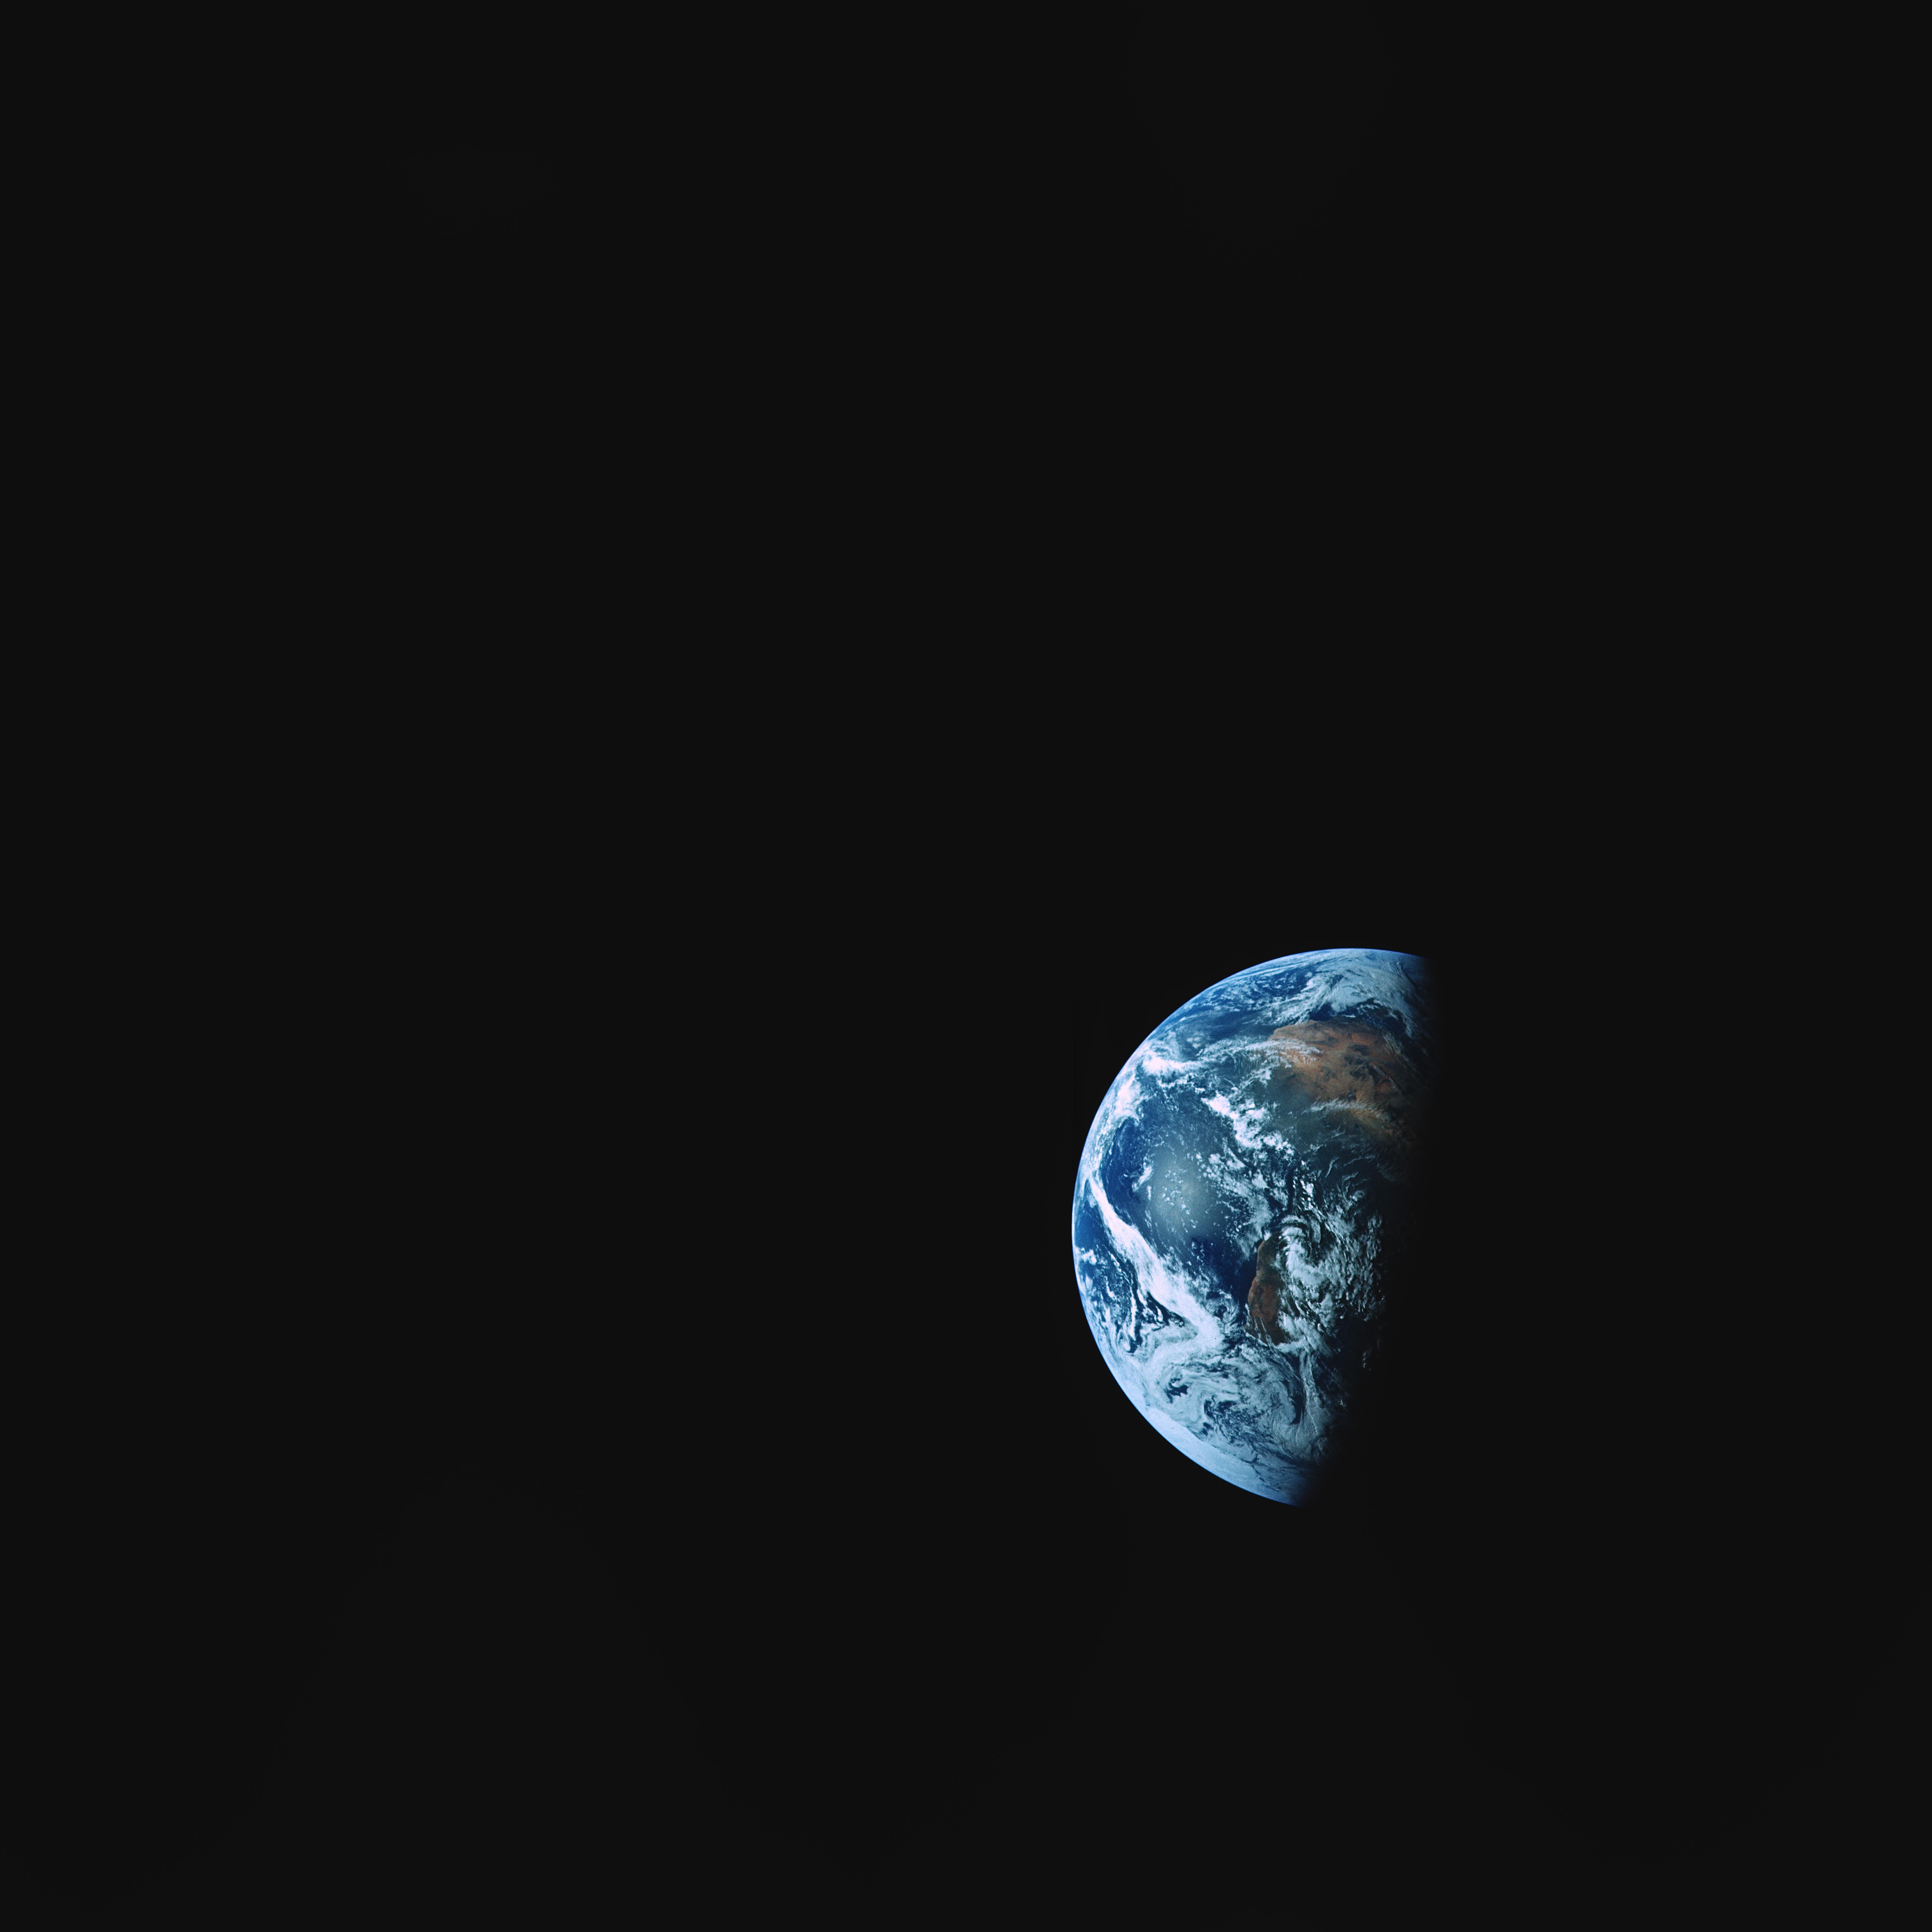 108879 Hintergrundbild herunterladen Dunkel, Erde, Universum, Land, Schatten, Planet, Planeten - Bildschirmschoner und Bilder kostenlos